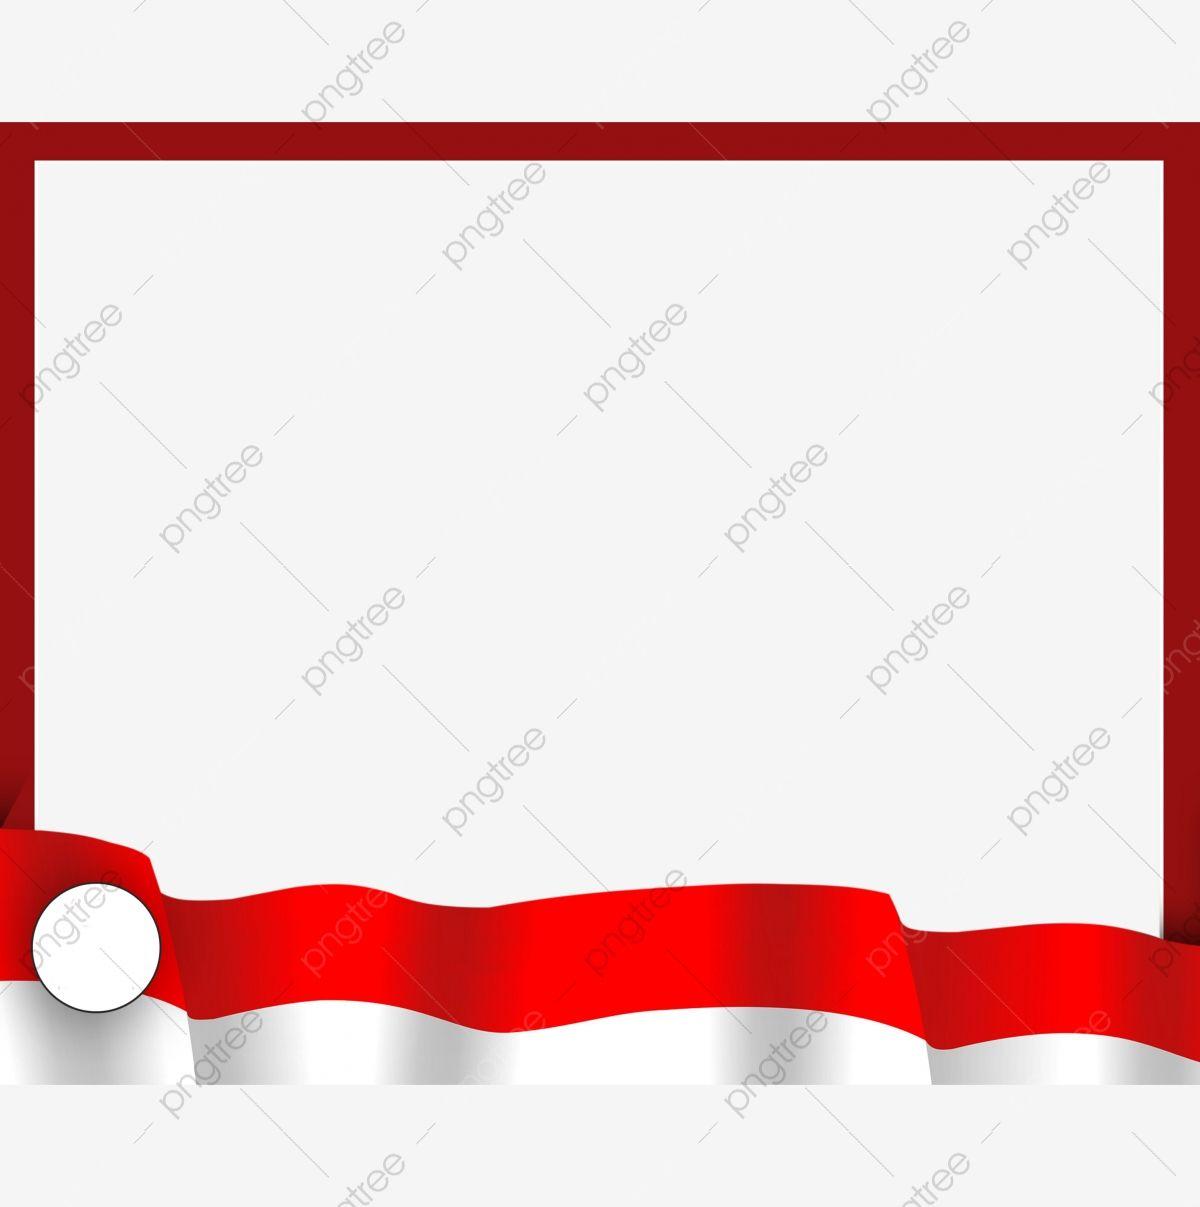 Gambar Bingkai Magin Sederhana Bendera Indonesia Bingkai Bendera Indonesia Xami Magine Png Dan Psd Untuk Muat Turun Percuma Geometric Pattern Background Frame Border Design Badge Design